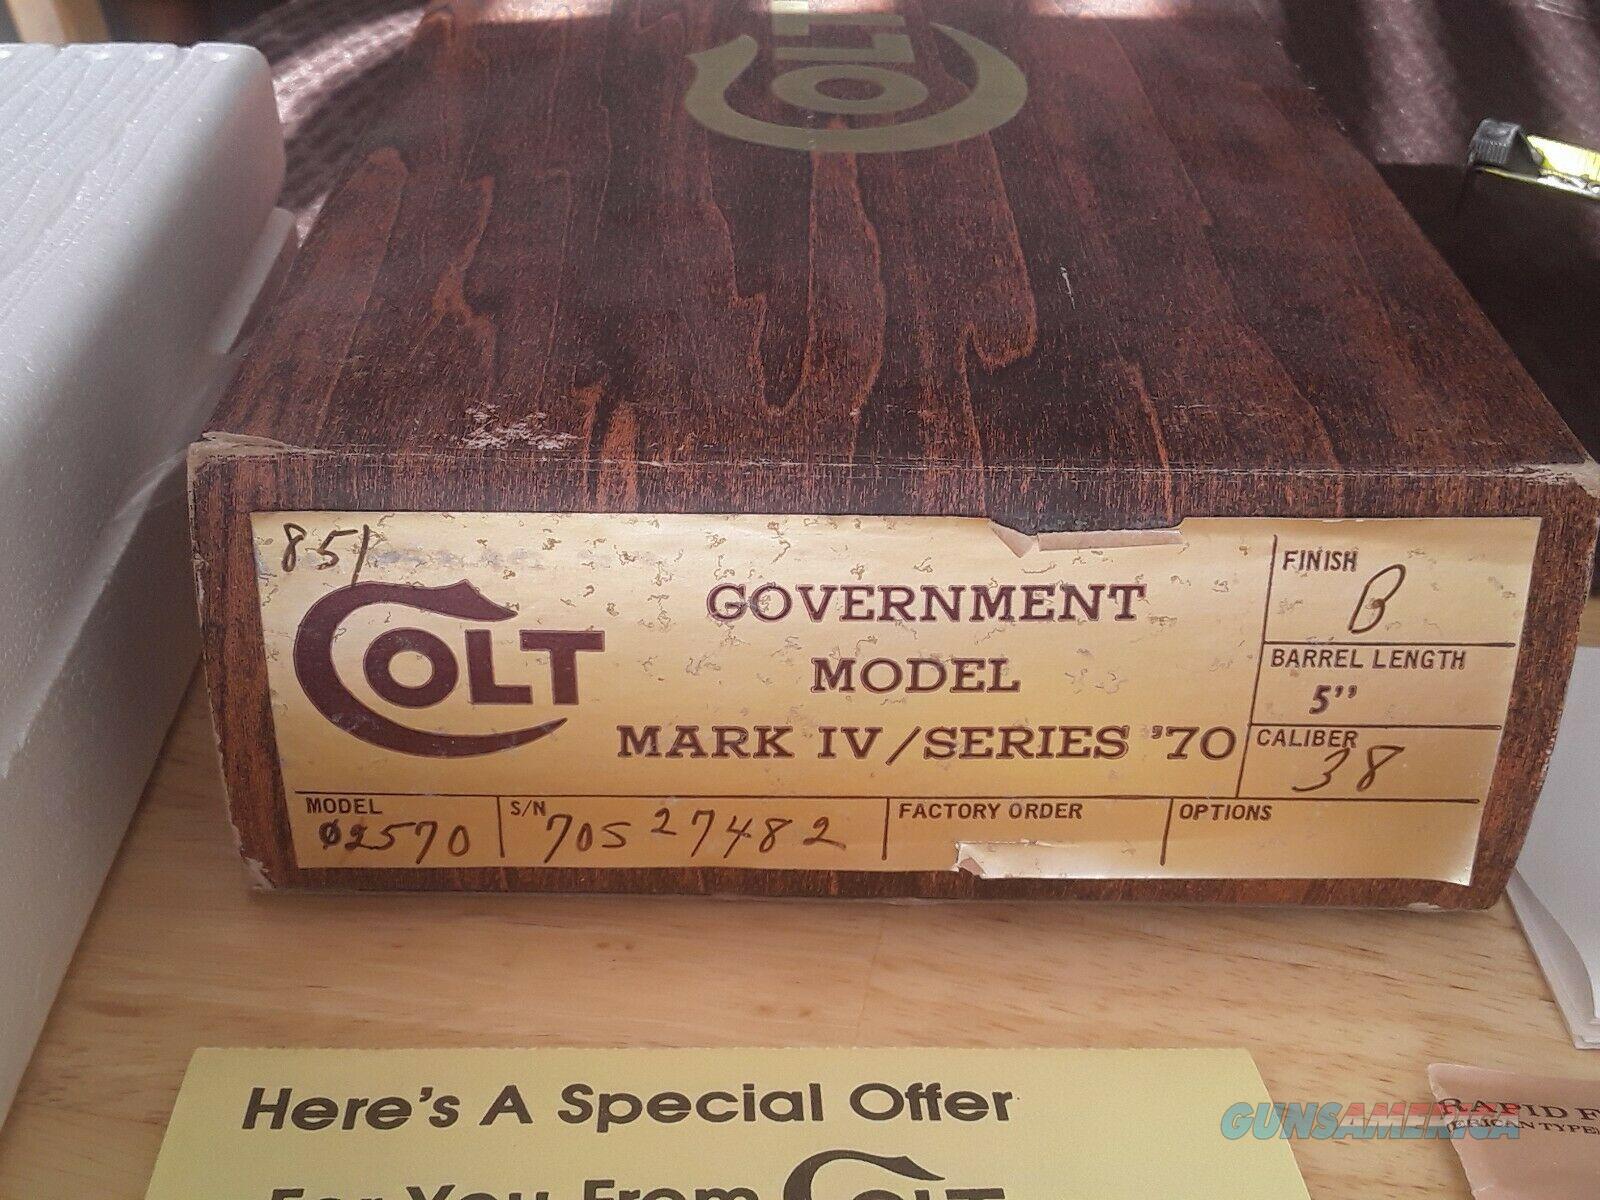 Colt 1911 Government Model Mark IV Series 70 38 Super Box  Non-Guns > Gun Cases